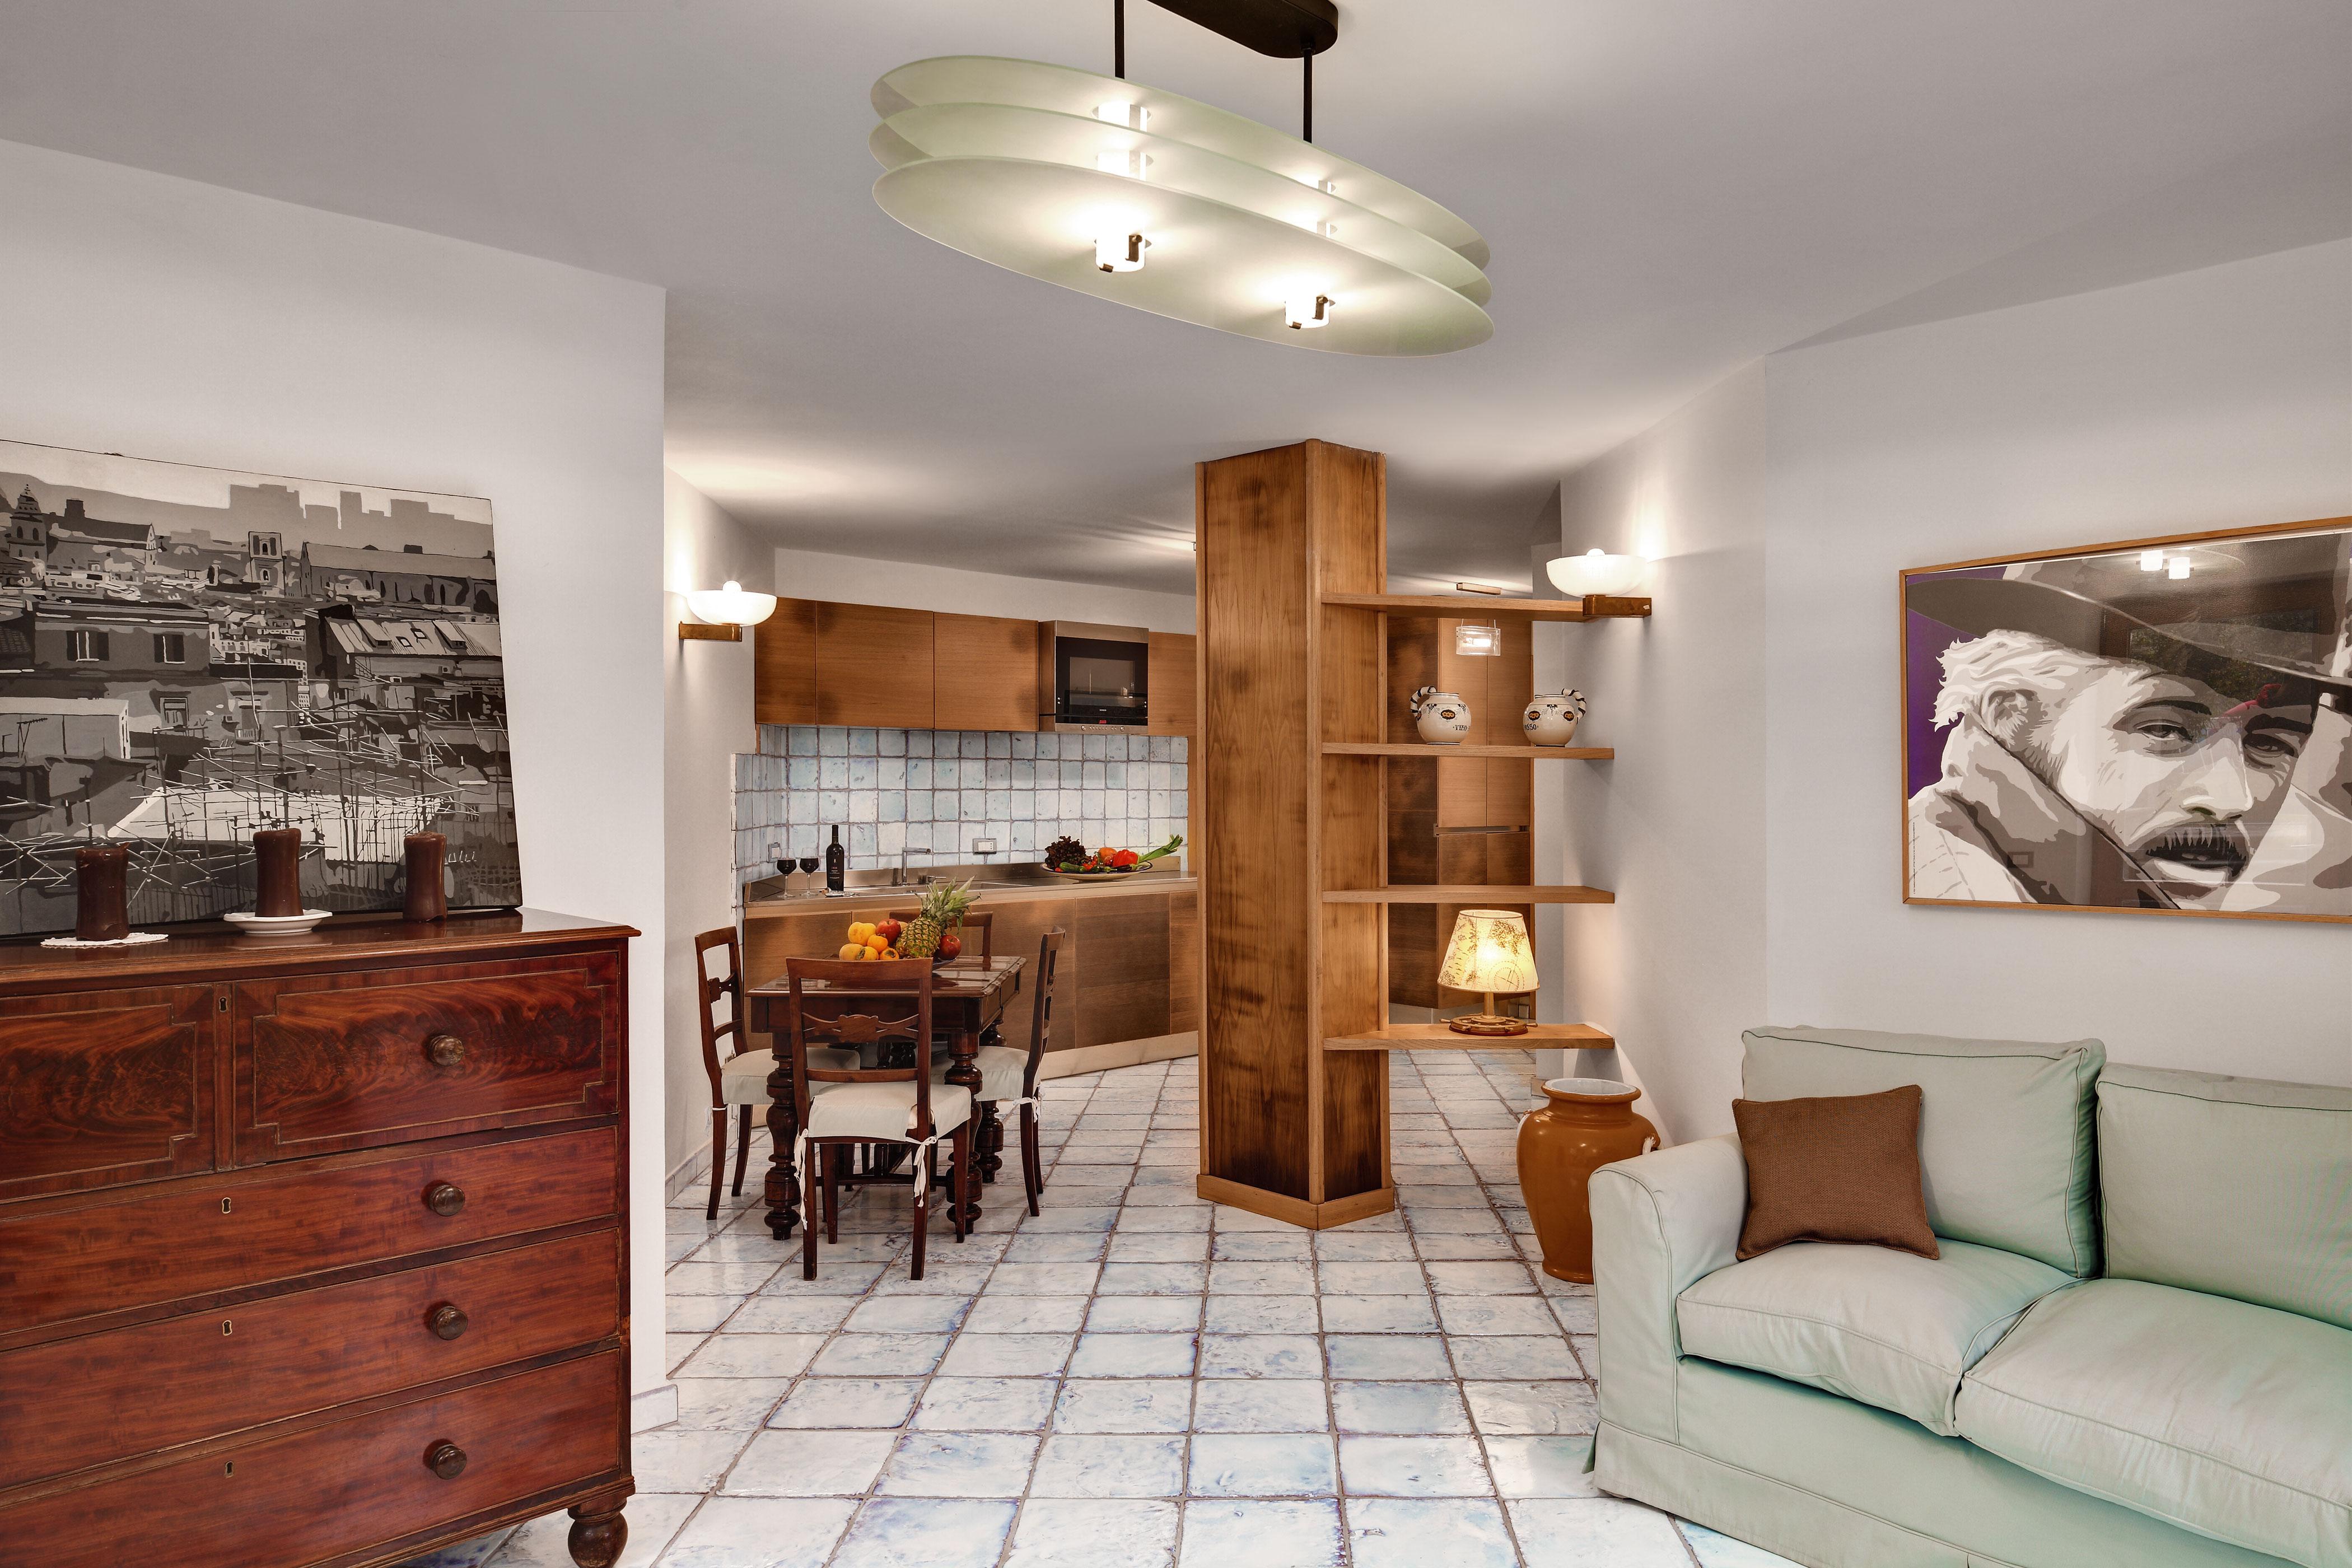 Apartment Villa Vesuvio - Luxury and Beauty photo 25033396